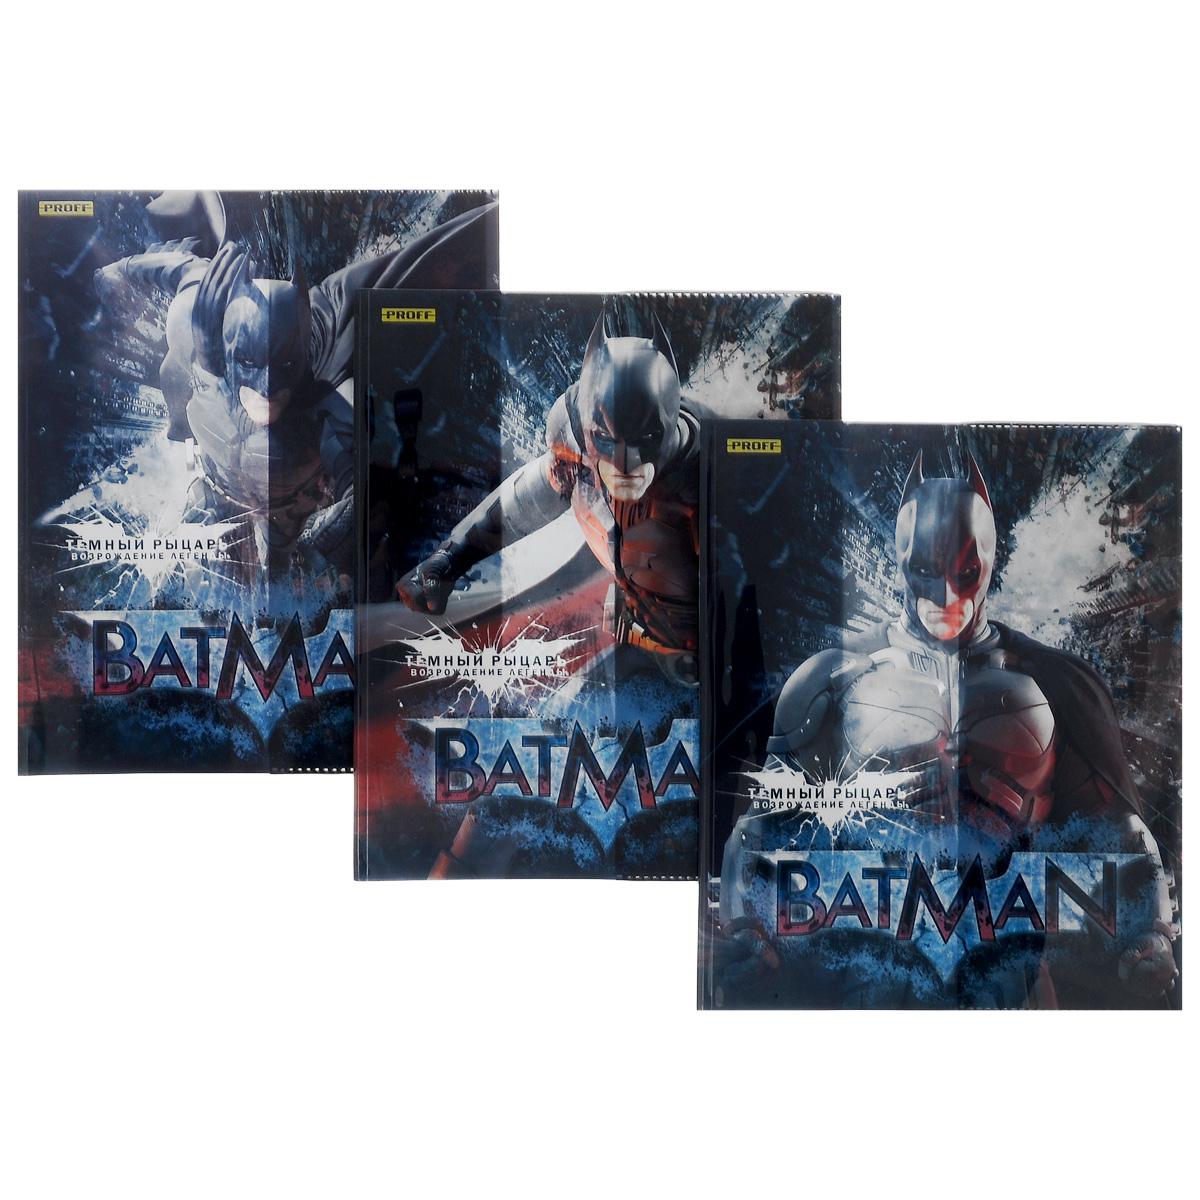 Набор обложек для тетрадей и дневников Proff Batman, 35,5 см х 21,3 см, 3 штBSL_ROZ_BatmanПрочная обложка Proff Batman , изготовленная из ПВХ, защитит поверхность тетради или дневника от изнашивания и загрязнений. Изделие оформлено ярким изображением любимого супергероя.